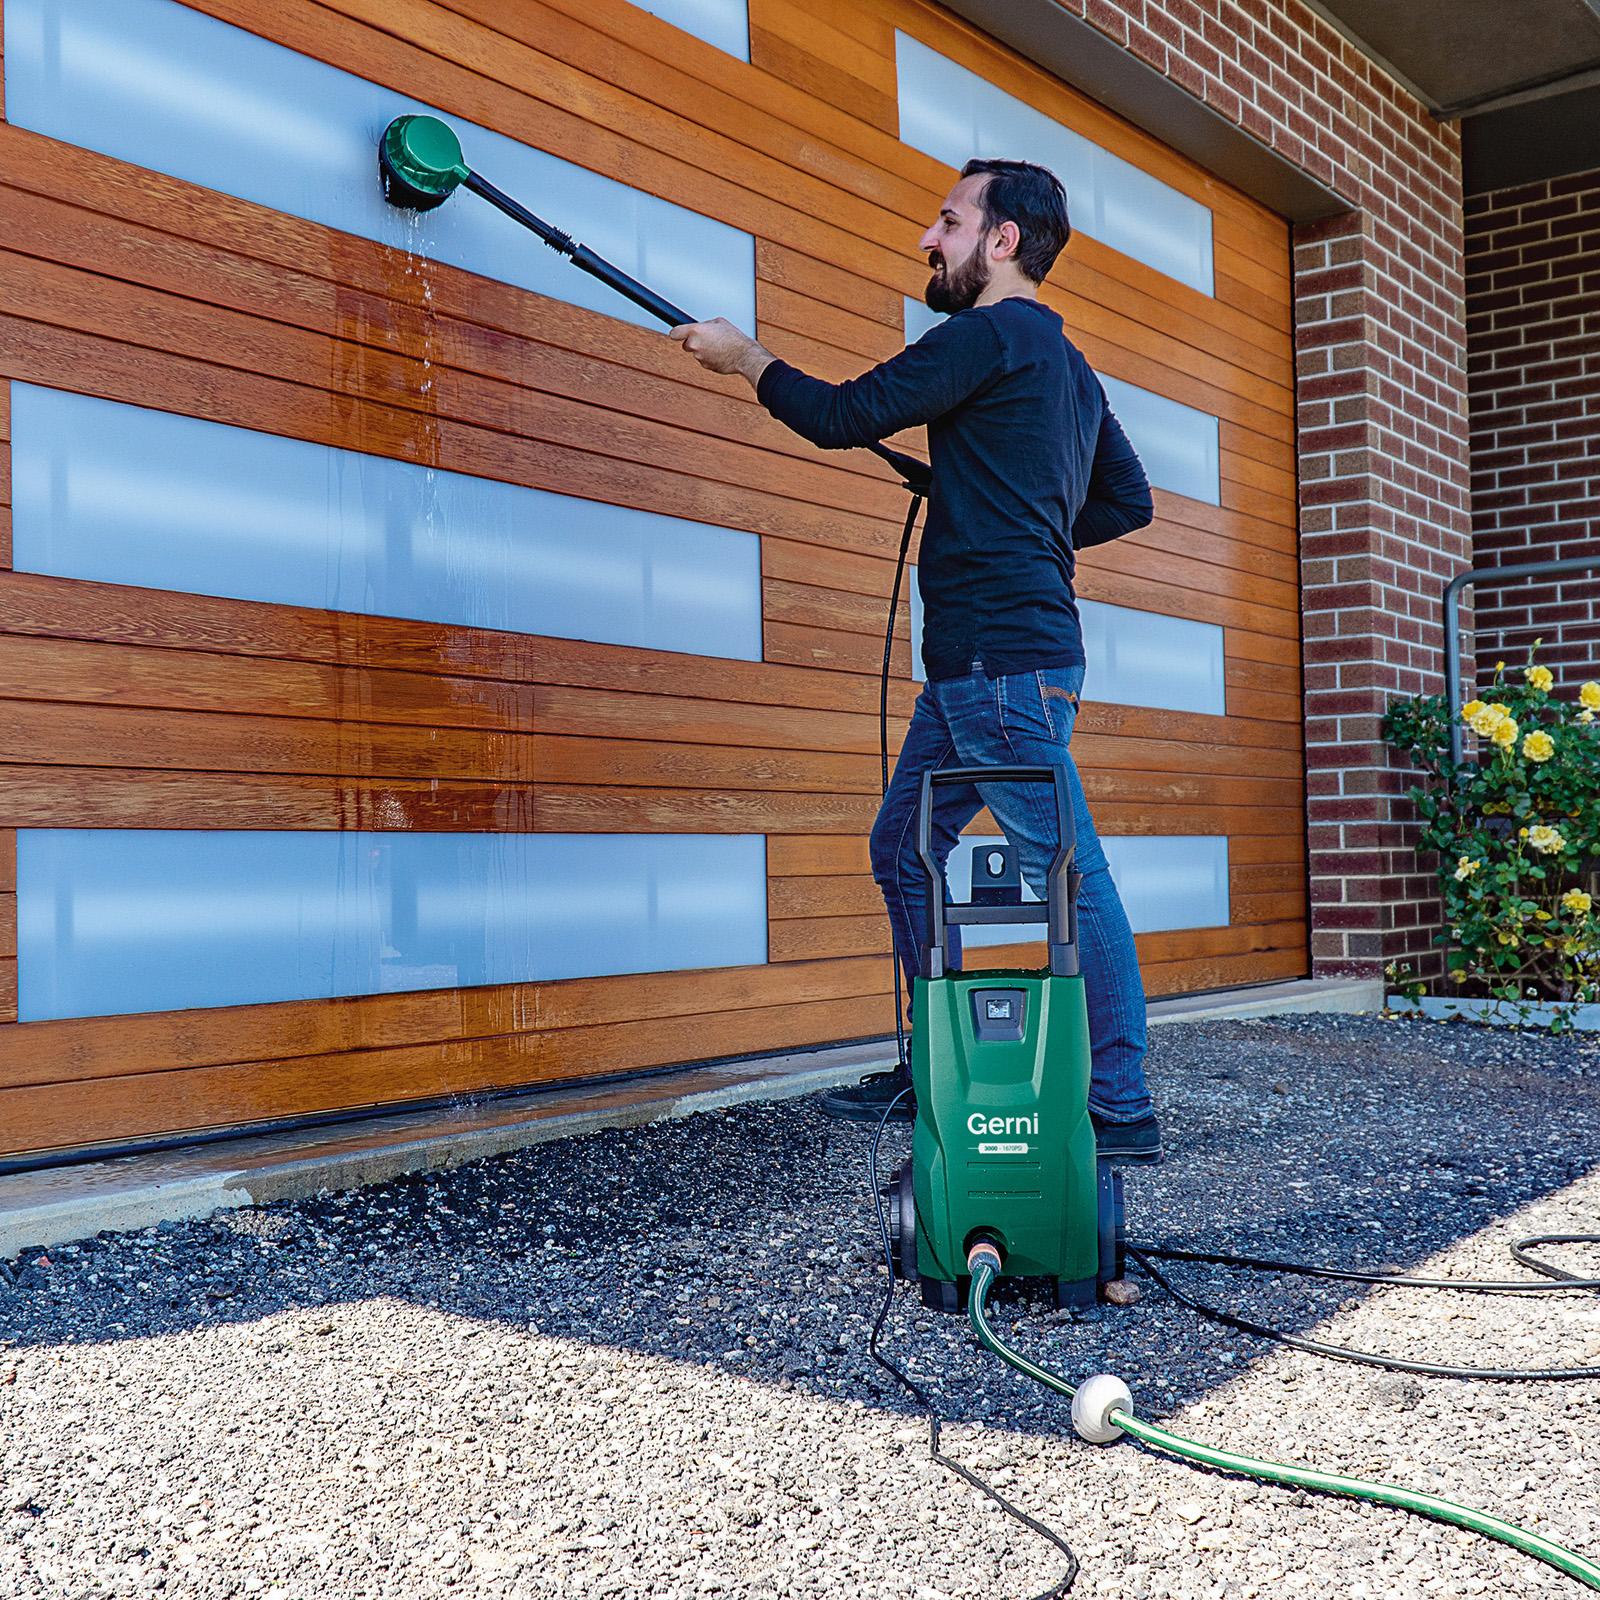 Gerni 3000 - Rotary Brush Garage Door